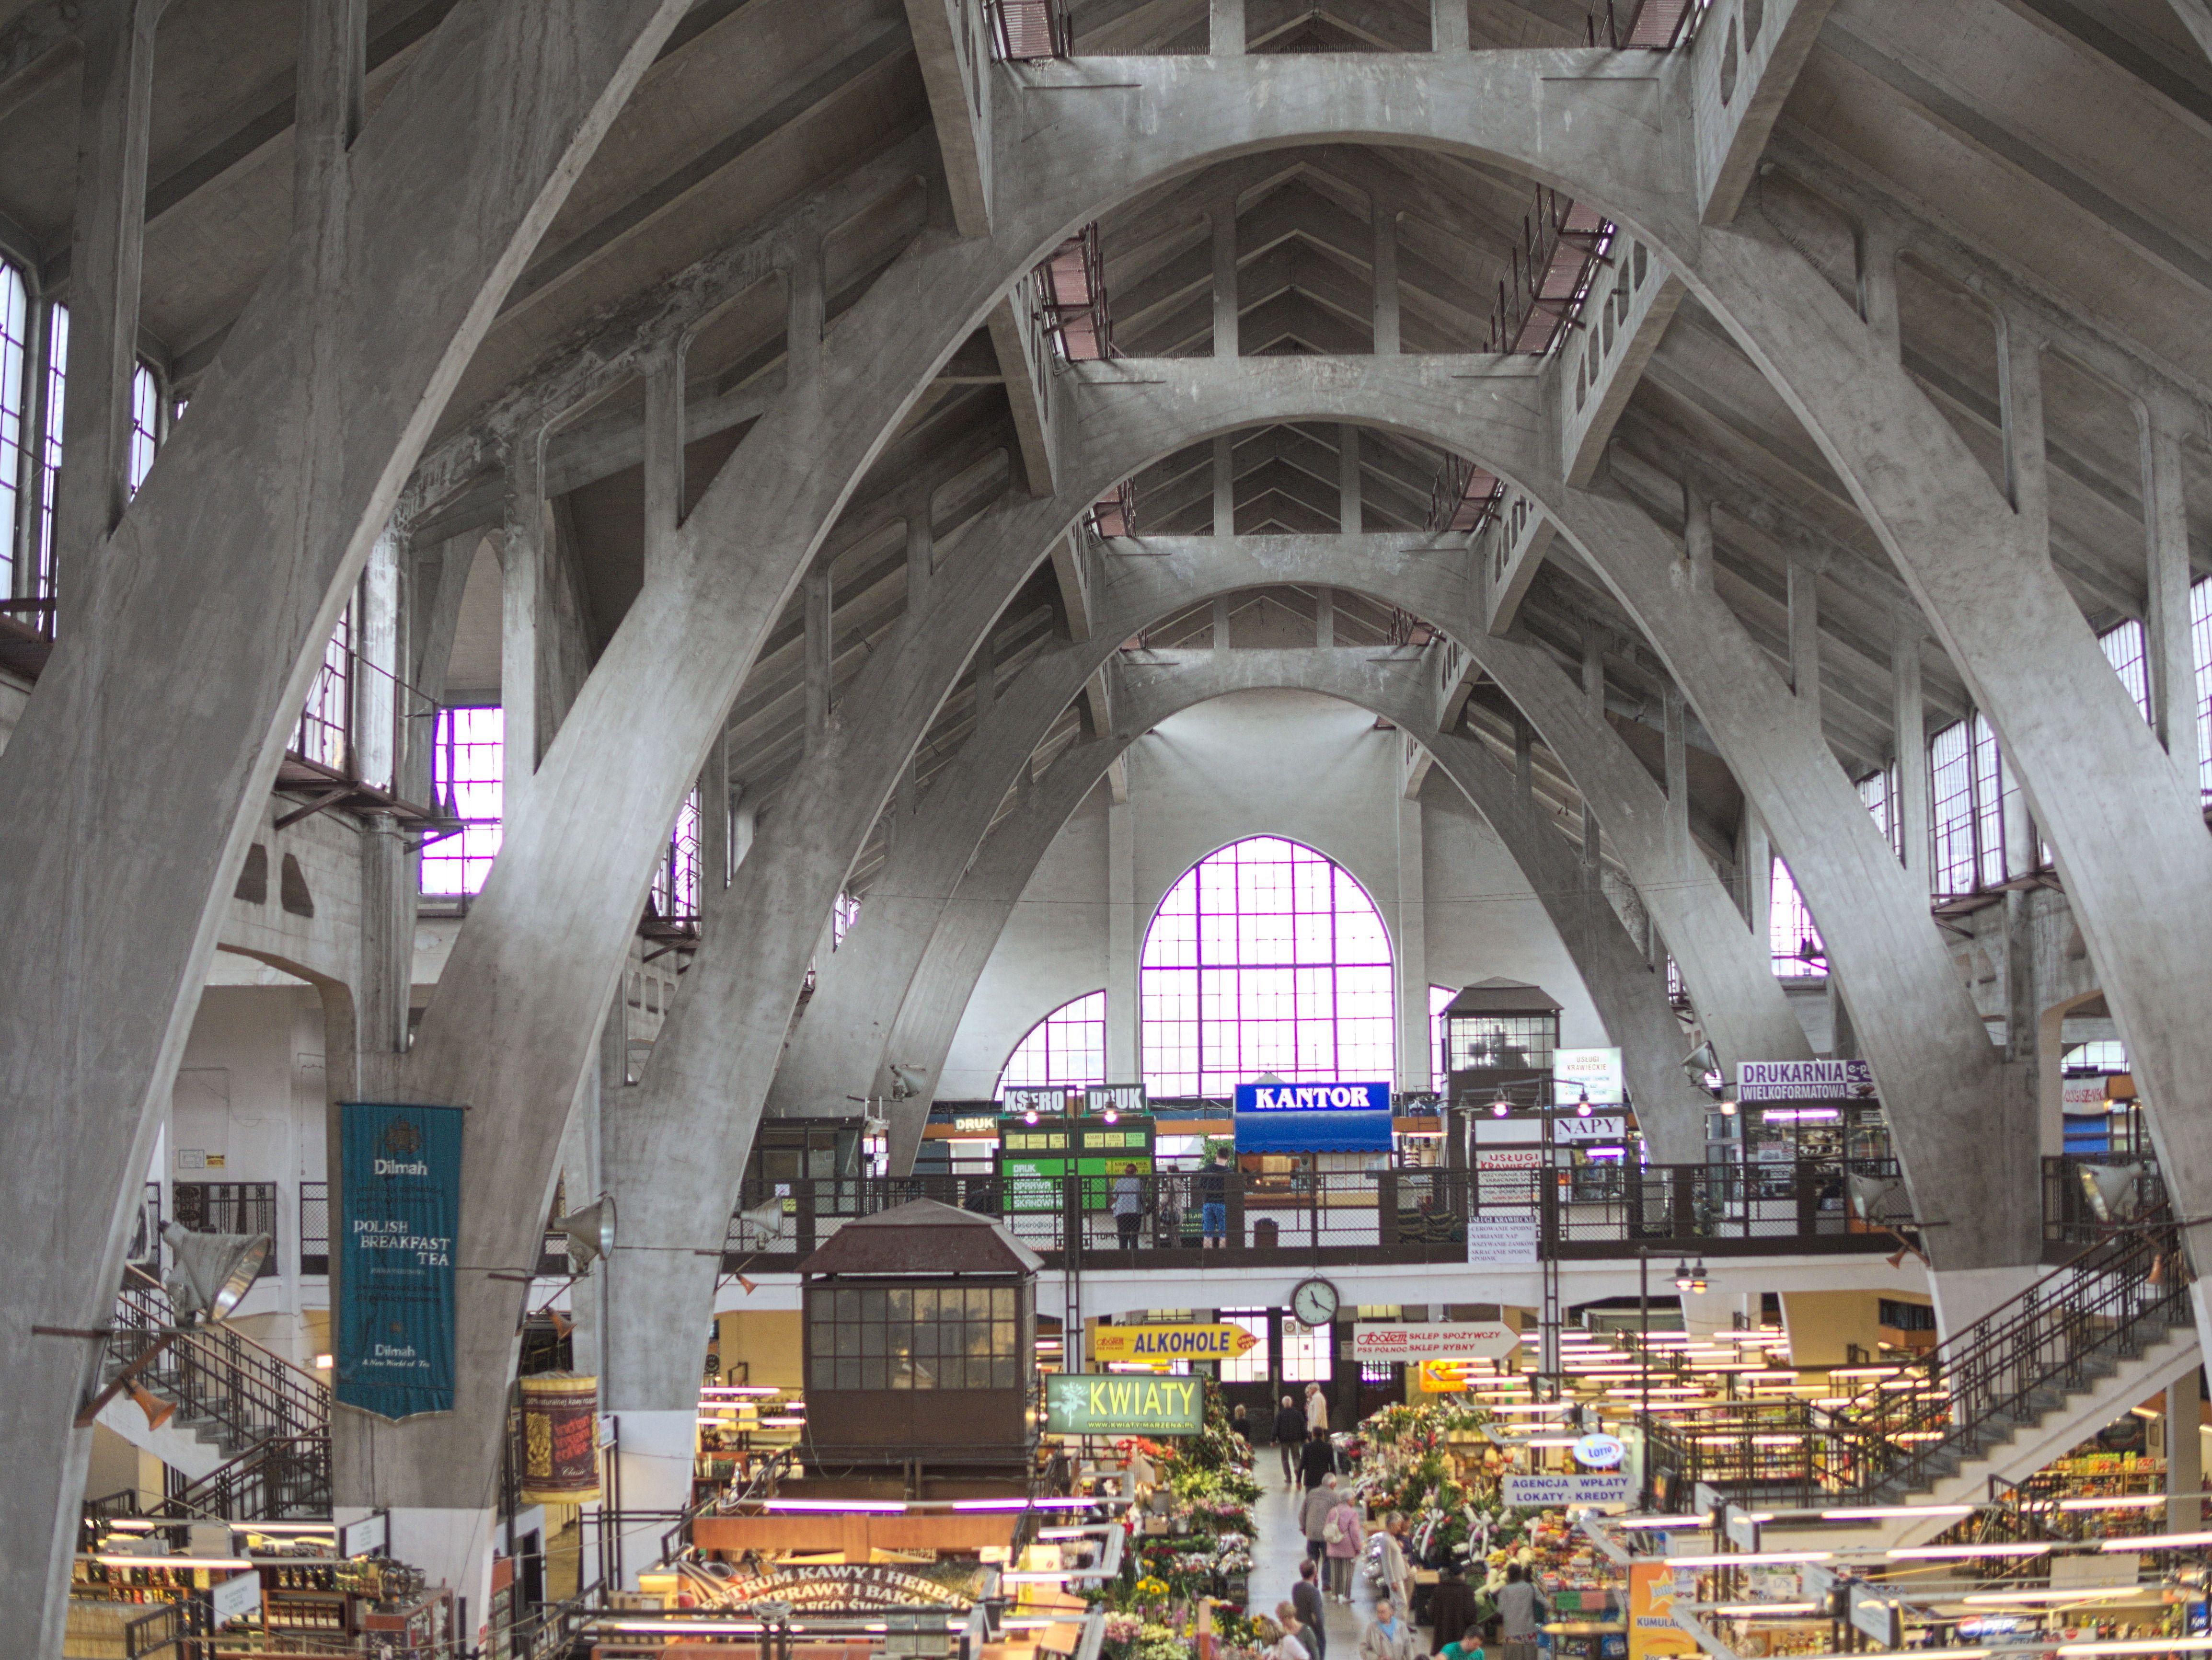 Gebaut Von Richard Pluddemann 1908 Piaskowa 17 Wroclaw Polen Beton Architektur Architecture Architektur Breslau Wroclaw Mar Architektur Gebaude Breslau